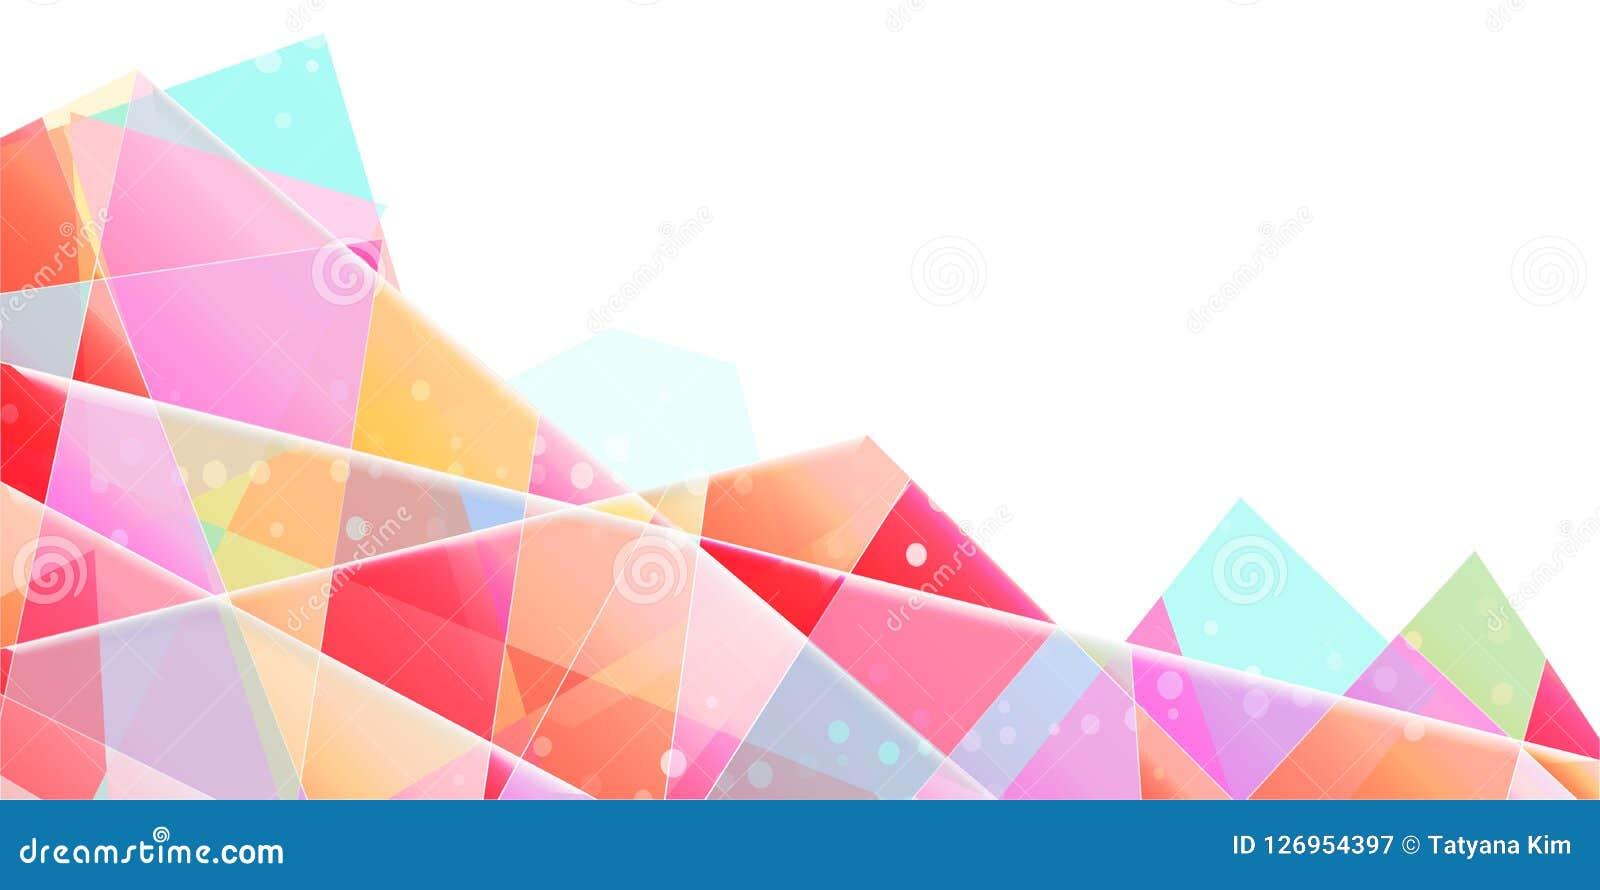 Abstrakter Vektorhintergrund, lichtdurchlässige dreieckige Splitter mit Steigung